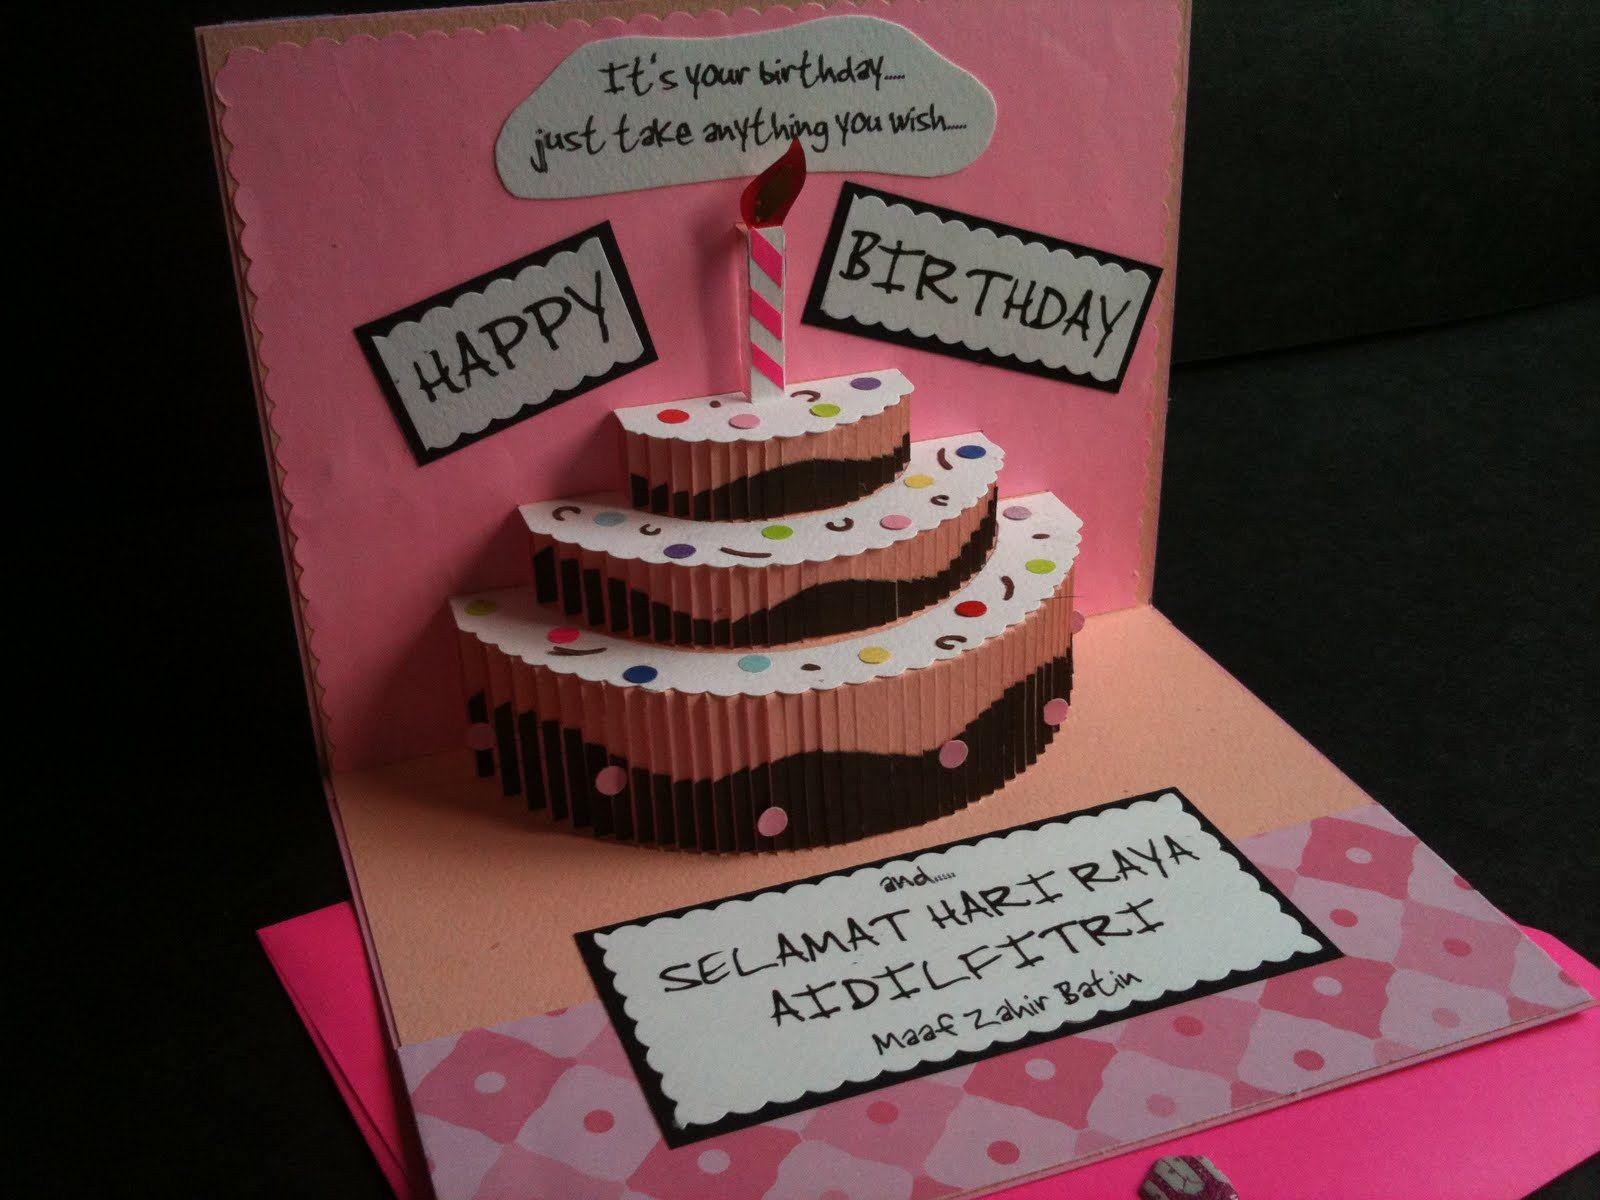 Valentine Card Design Happy Birthday Wishes Creative Handmade Birthday Card Ideas For Best Friend